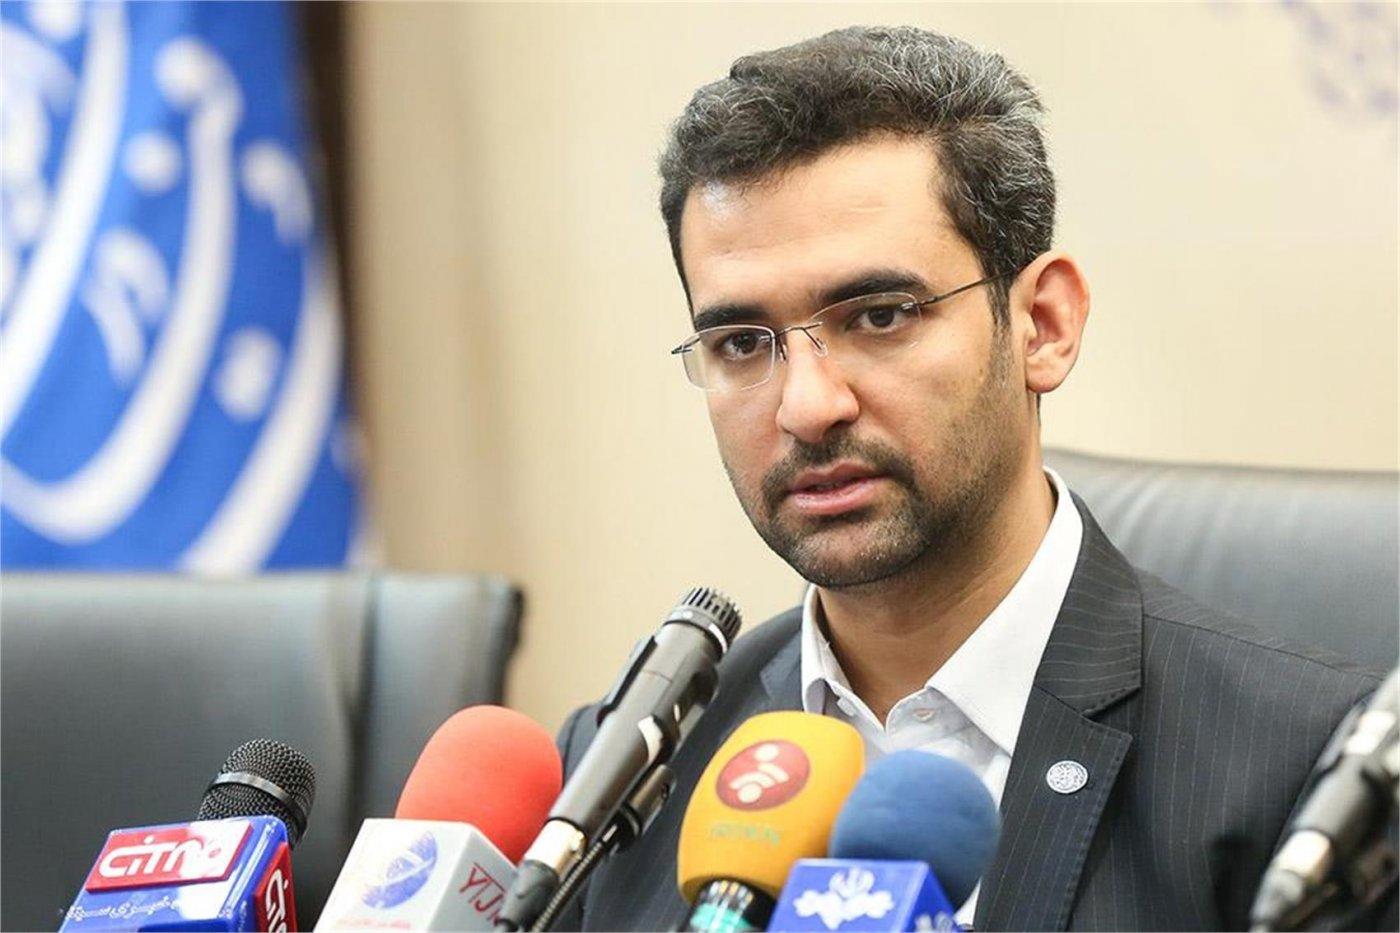 وزیر ارتباطات: استعفا ندادهام   فیلترینگ تنها راه حل نیست